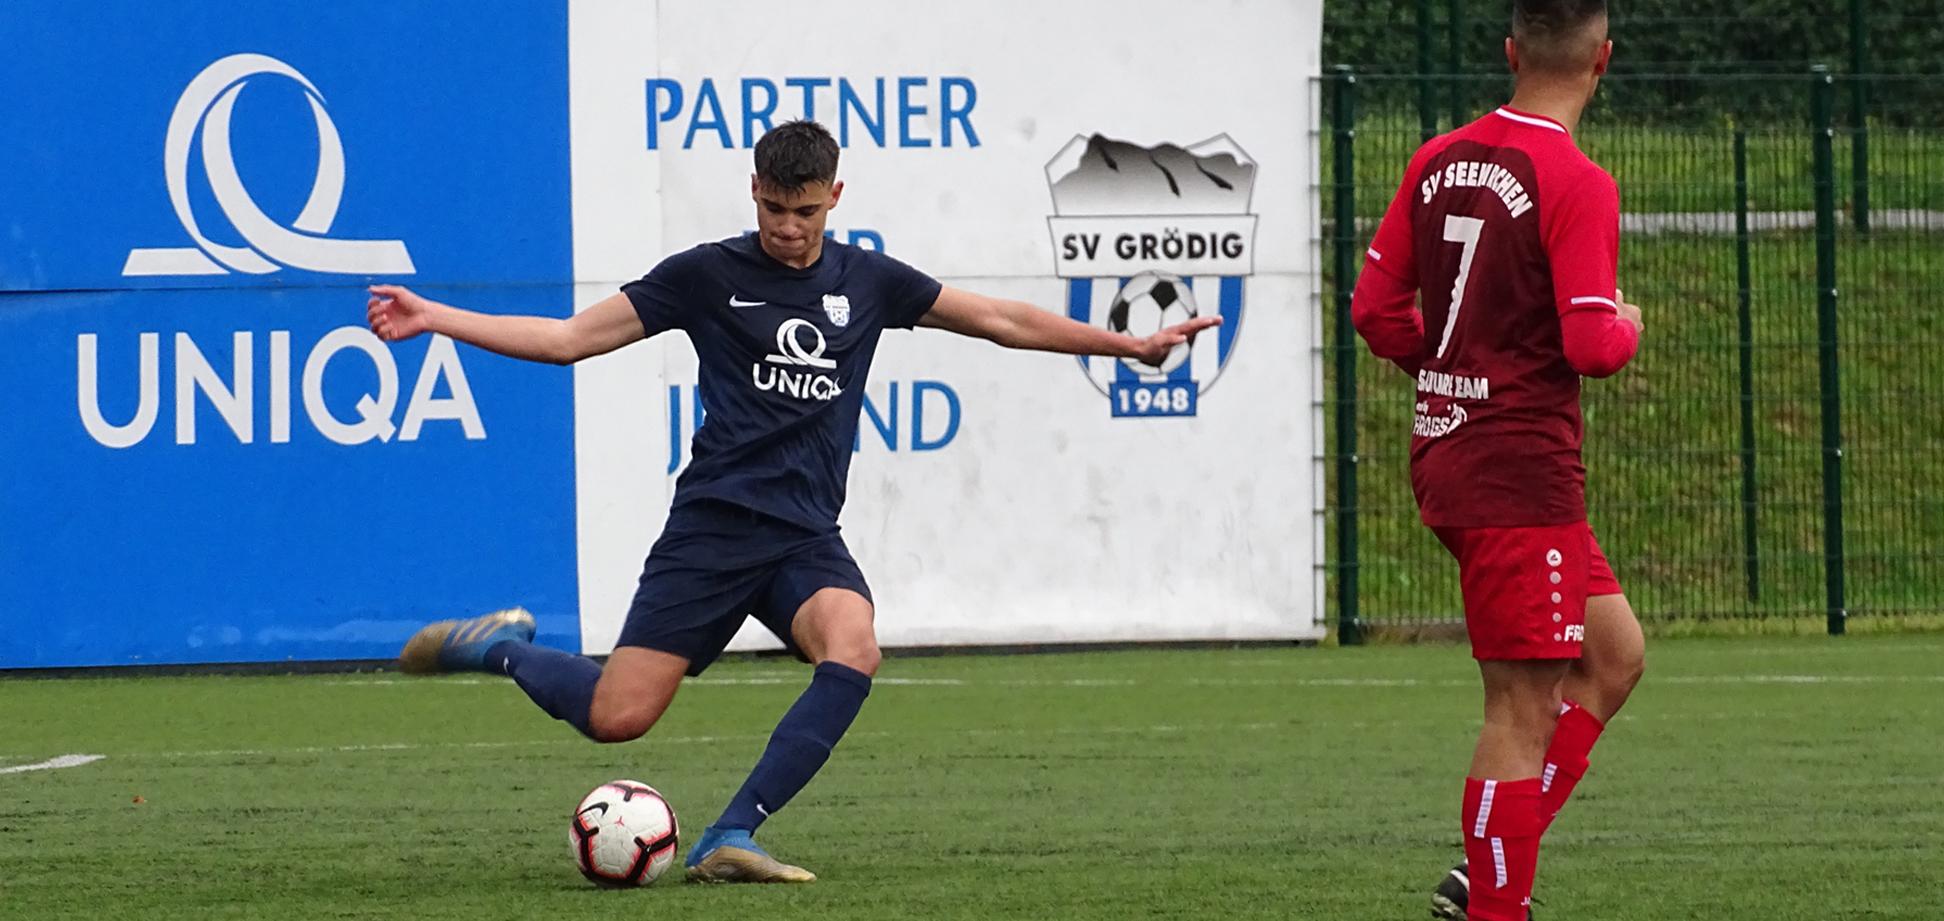 U18 Team - SV GROEDIG